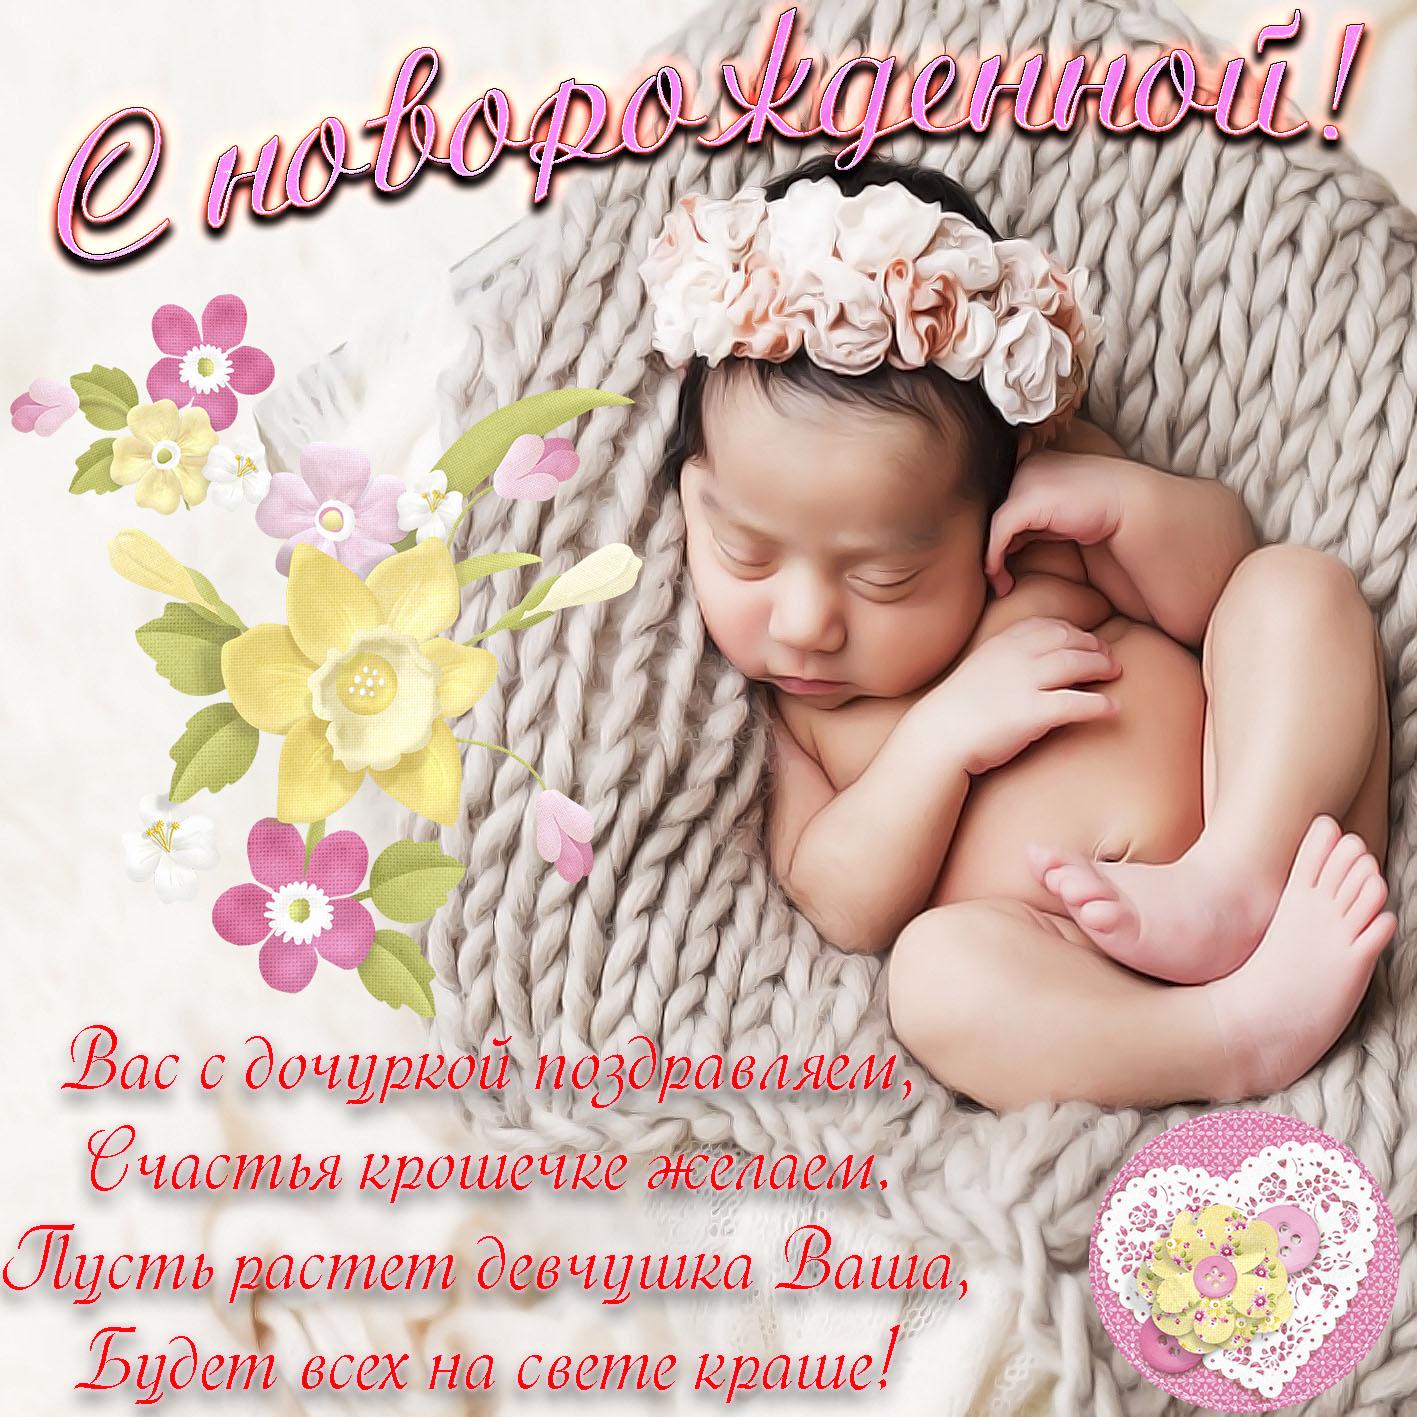 Поздравления с рождением девочки смс